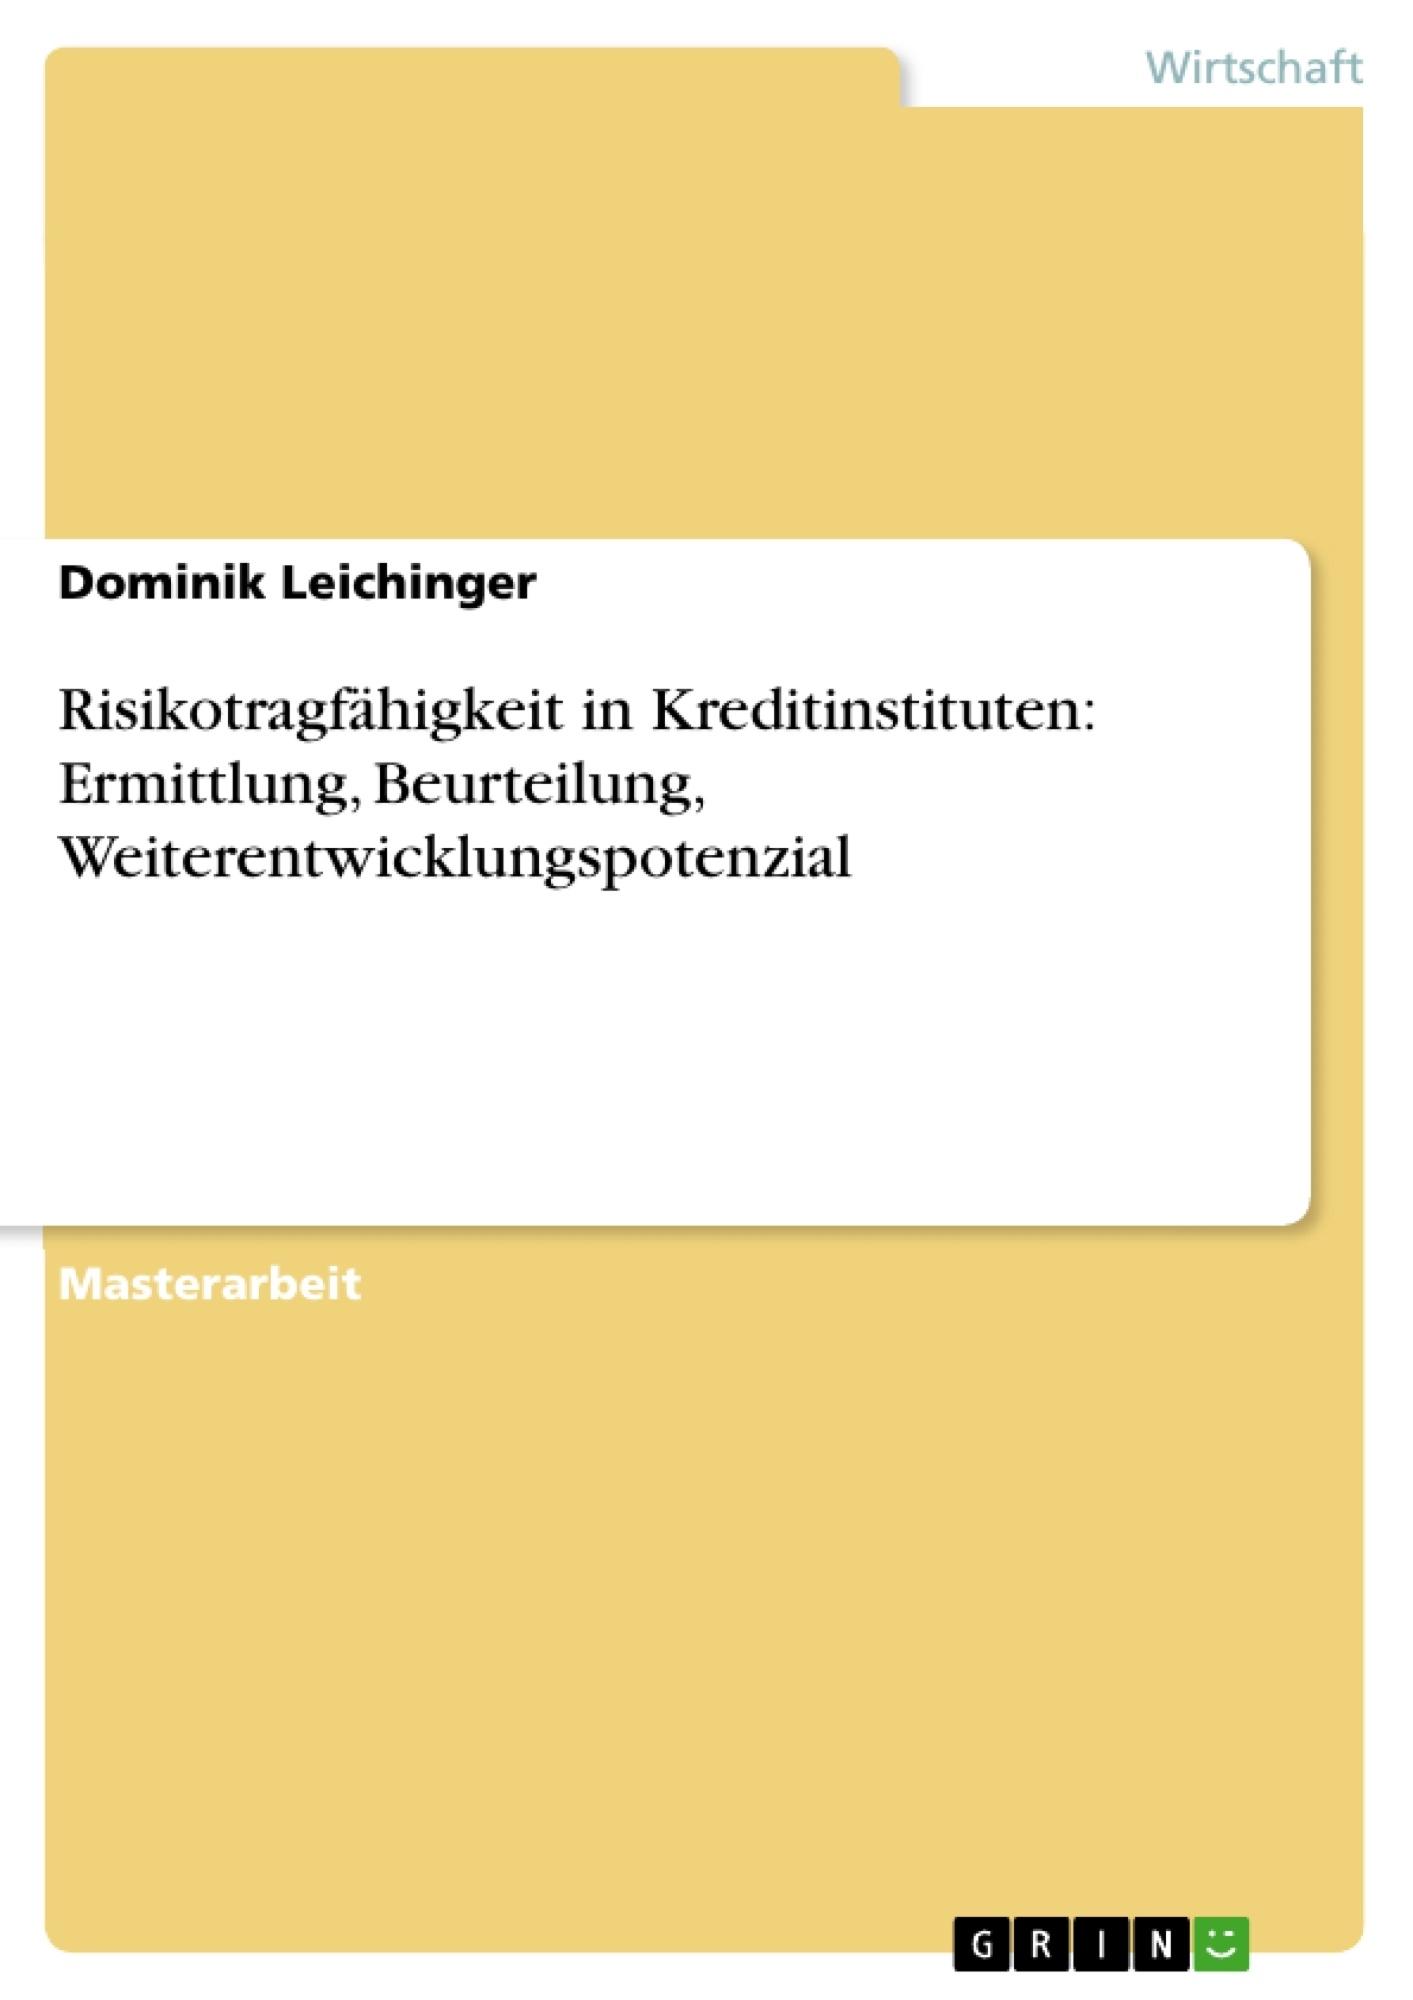 Titel: Risikotragfähigkeit in Kreditinstituten: Ermittlung, Beurteilung, Weiterentwicklungspotenzial